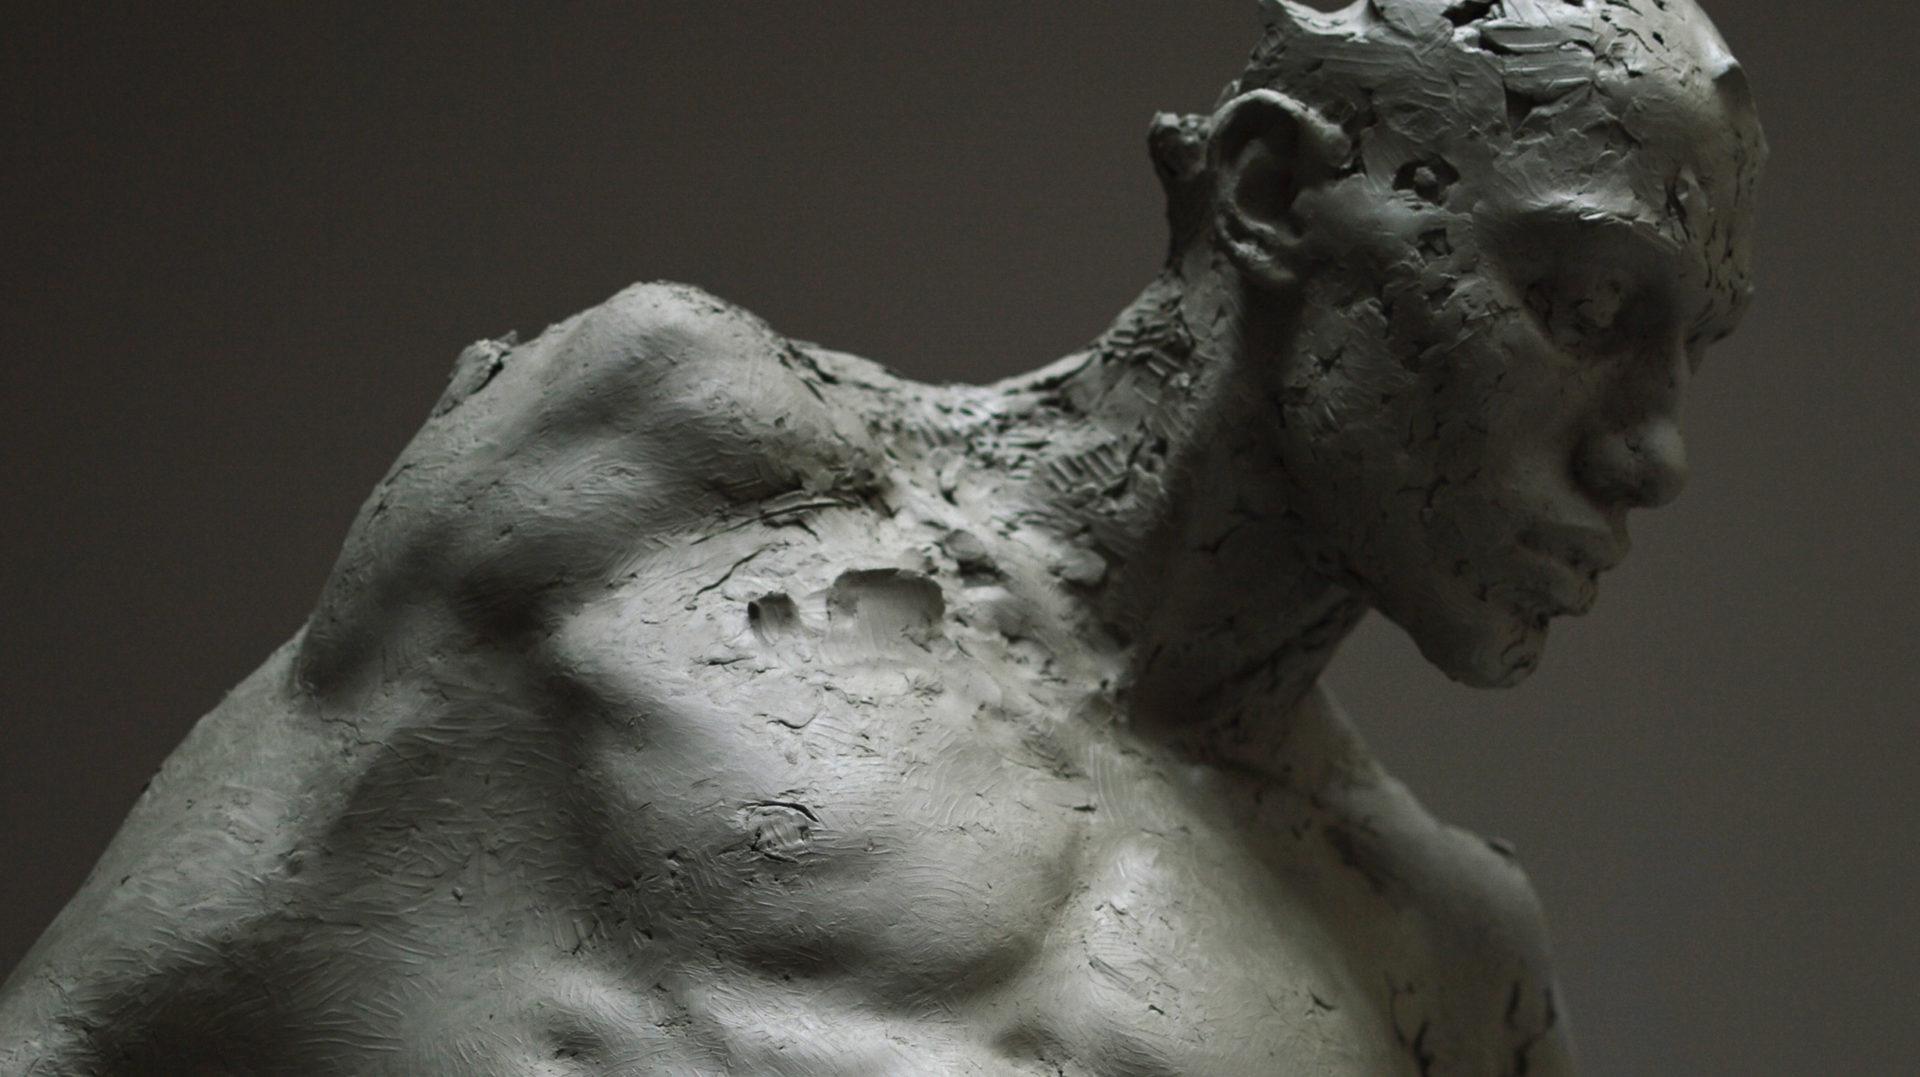 Eudald de Juana i la transgressió de la forma